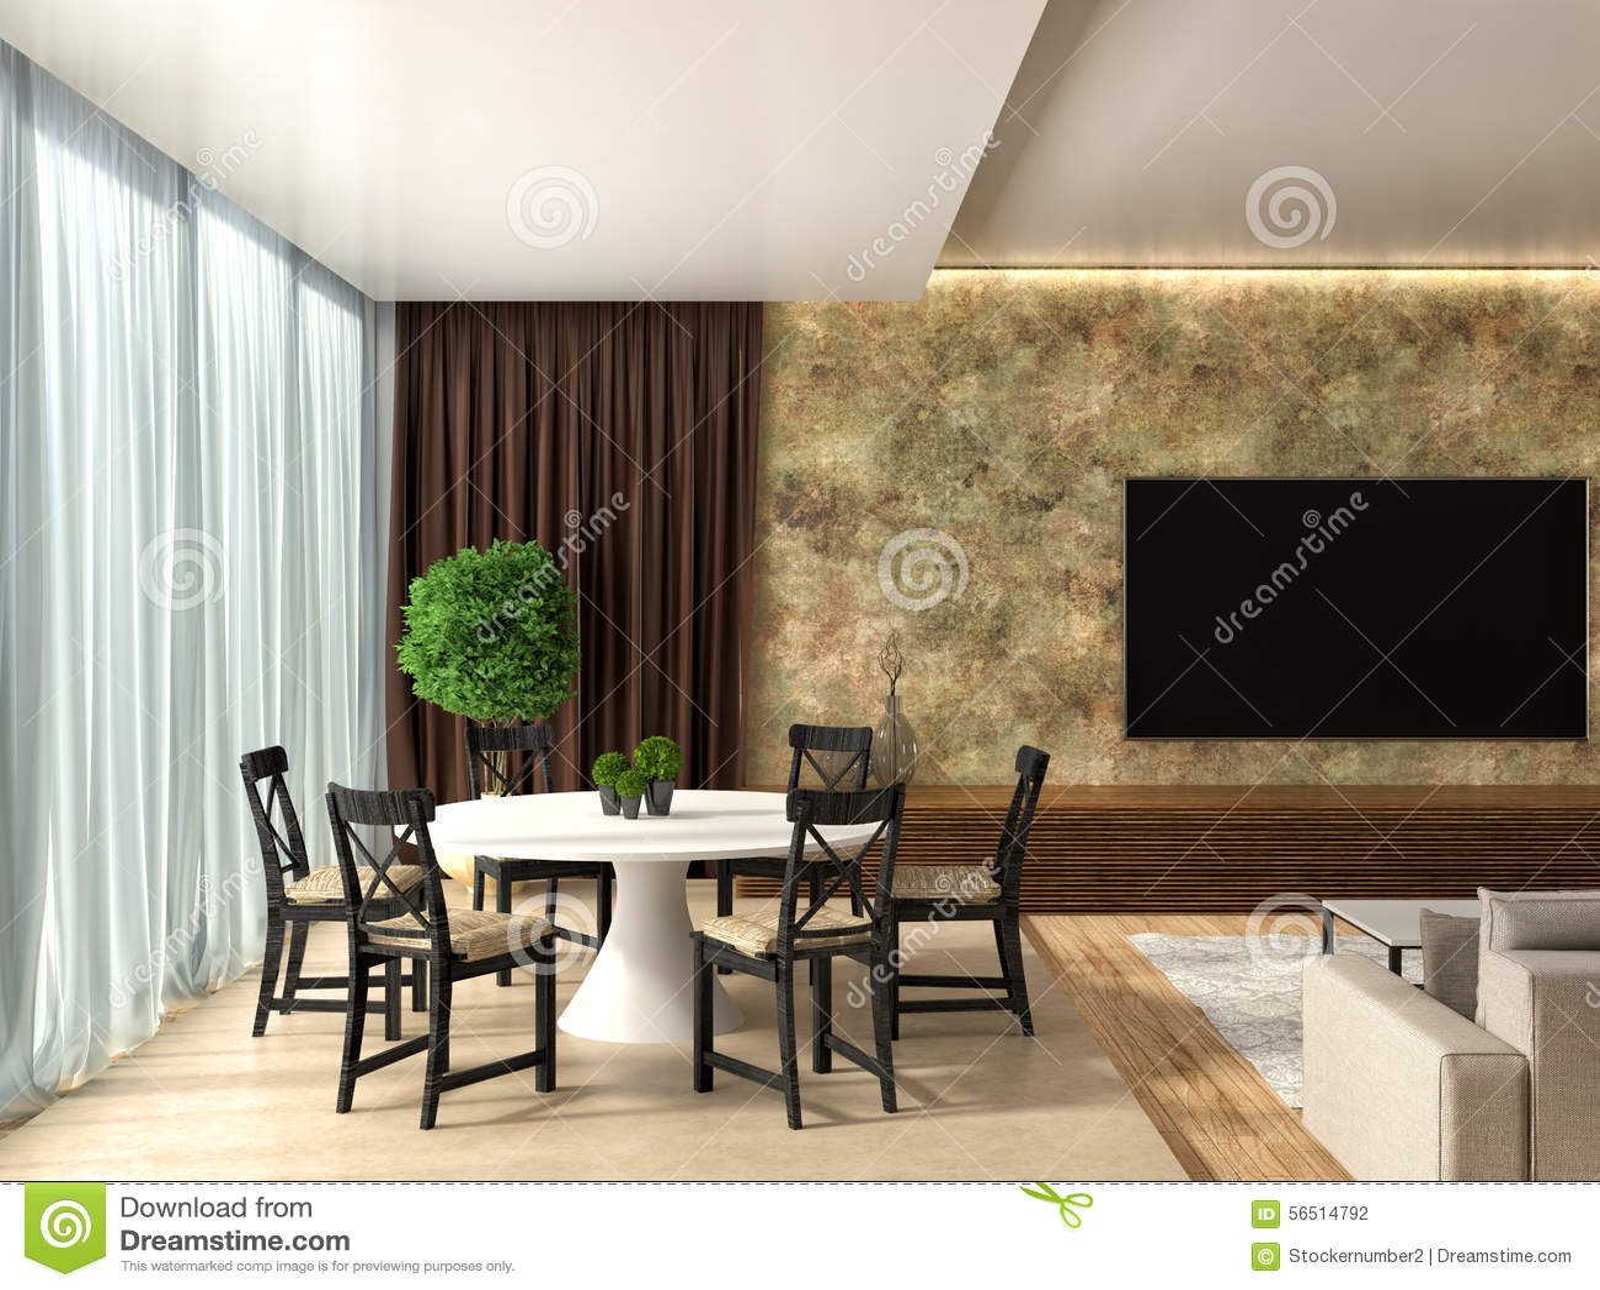 Moderne Küche Und Wohnzimmer Abbildung 3D Stock Abbildung - Bild ...